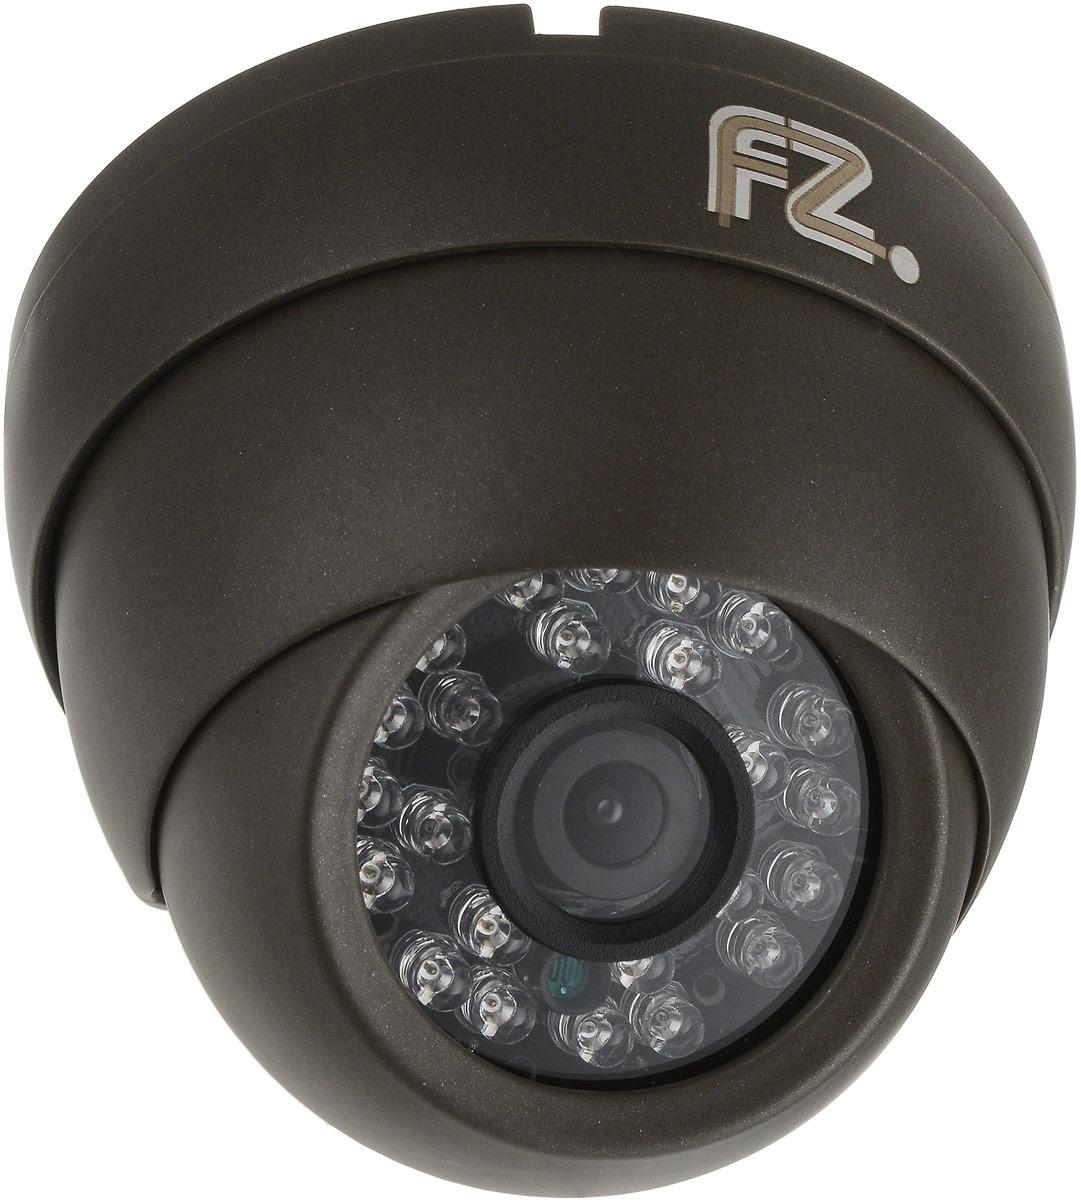 Fazera FZ-DIR24-1080, Grey камера видеонаблюденияFZ-DIR24-1080Уличная IP камера Fazera FZ-DIR24-1080 благодаря наличию инфракрасной подсветки дальностью 20 метров, и надежной защитой от атмосферных воздействий в широком диапазоне температур, камера zIPCam-DIR24 может эксплуатироваться на таких объектах, как уличные паркинги, складские помещения, отели, жилые дома и т.д.В основе камеры матрица: 1/2.8 Sony Exmor IMX222 и процессор: HiSilicon HI3516C благодаря чему уличная IP-камера zIPCam-DIR24 формирует изображение с разрешением до 1920x1080 пикселей (Full HD), с качественной цветопередачей и повышенной контрастностью, что позволяет использовать видеокамеру на объектах с высокими требованиями к качеству видеосигнала, и в системах с видеоаналитикой. Электропитание камеры возможно как от источника постоянного тока 12 В, так и по IP-сети (PoE).Матрица: 1/2.8 Sony Exmor IMX222 Процессор: HiSilicon HI3516C Механический ИК-фильтр с автопереключением Настройки яркости, контраста, насыщенности через клиентское ПО или веб браузер Как выбрать камеру видеонаблюдения для дома. Статья OZON Гид